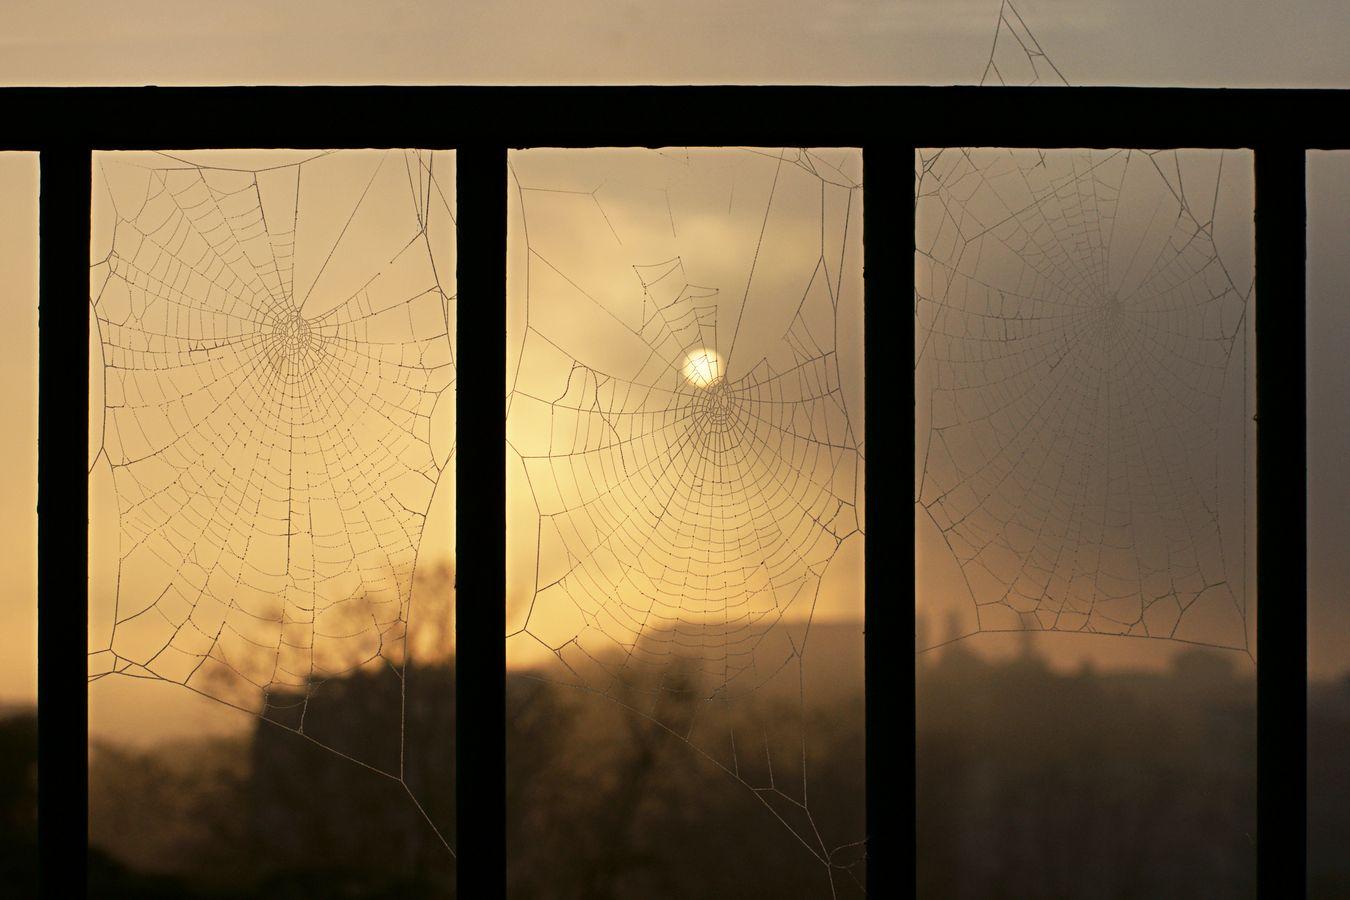 Trois toiles d'araignée couvertes de givre s'étalent, cote à cote entre les barreaux de la rambarde de mon balcon, chez moi, à Caluire-et-Cuire. Au loin, le soleil se lève au dessus de la silhouette de la ville.